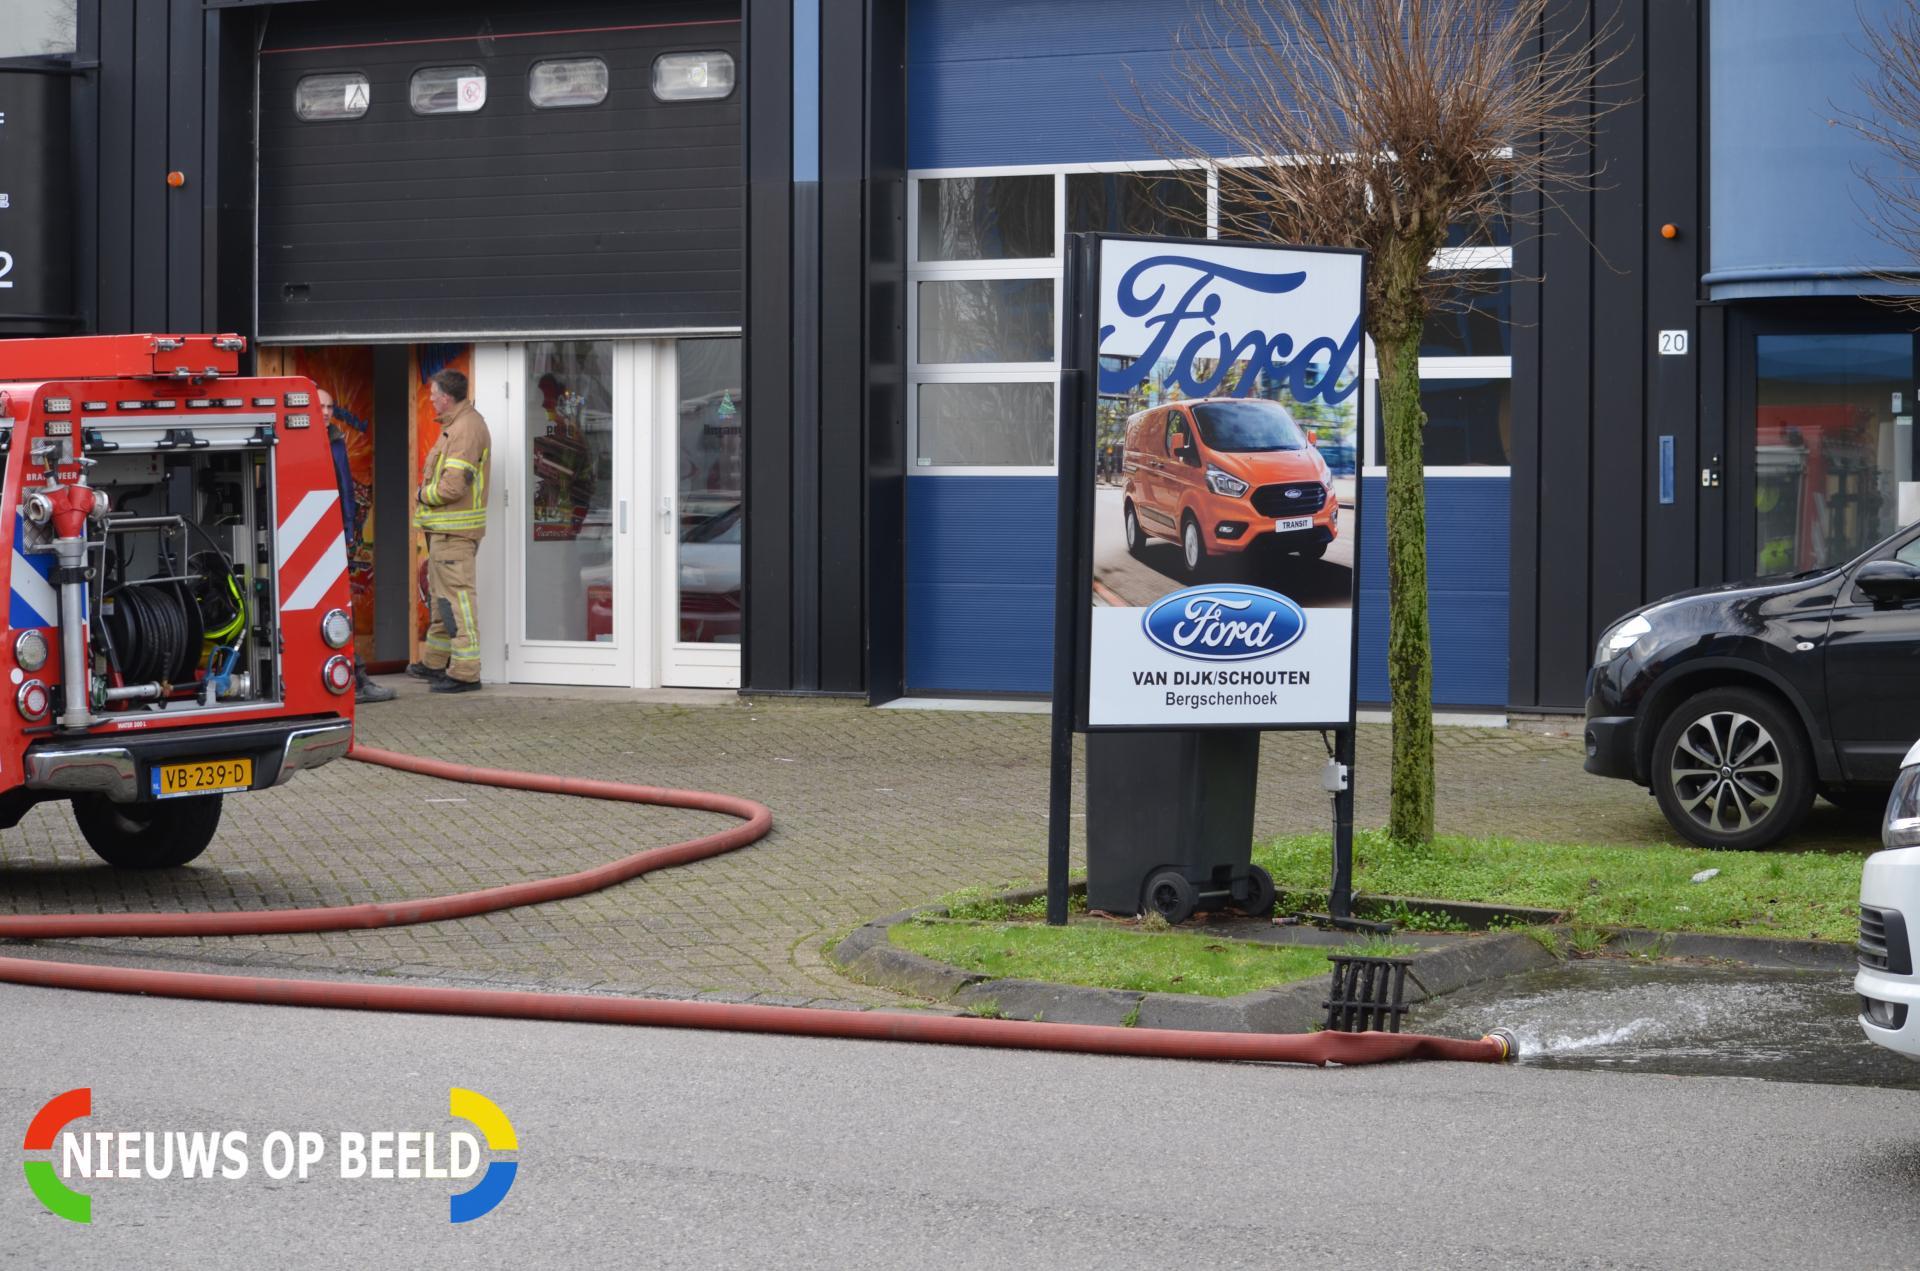 Wateroverlast bij vuurwerkwinkel Weg en Land Bergschenhoek